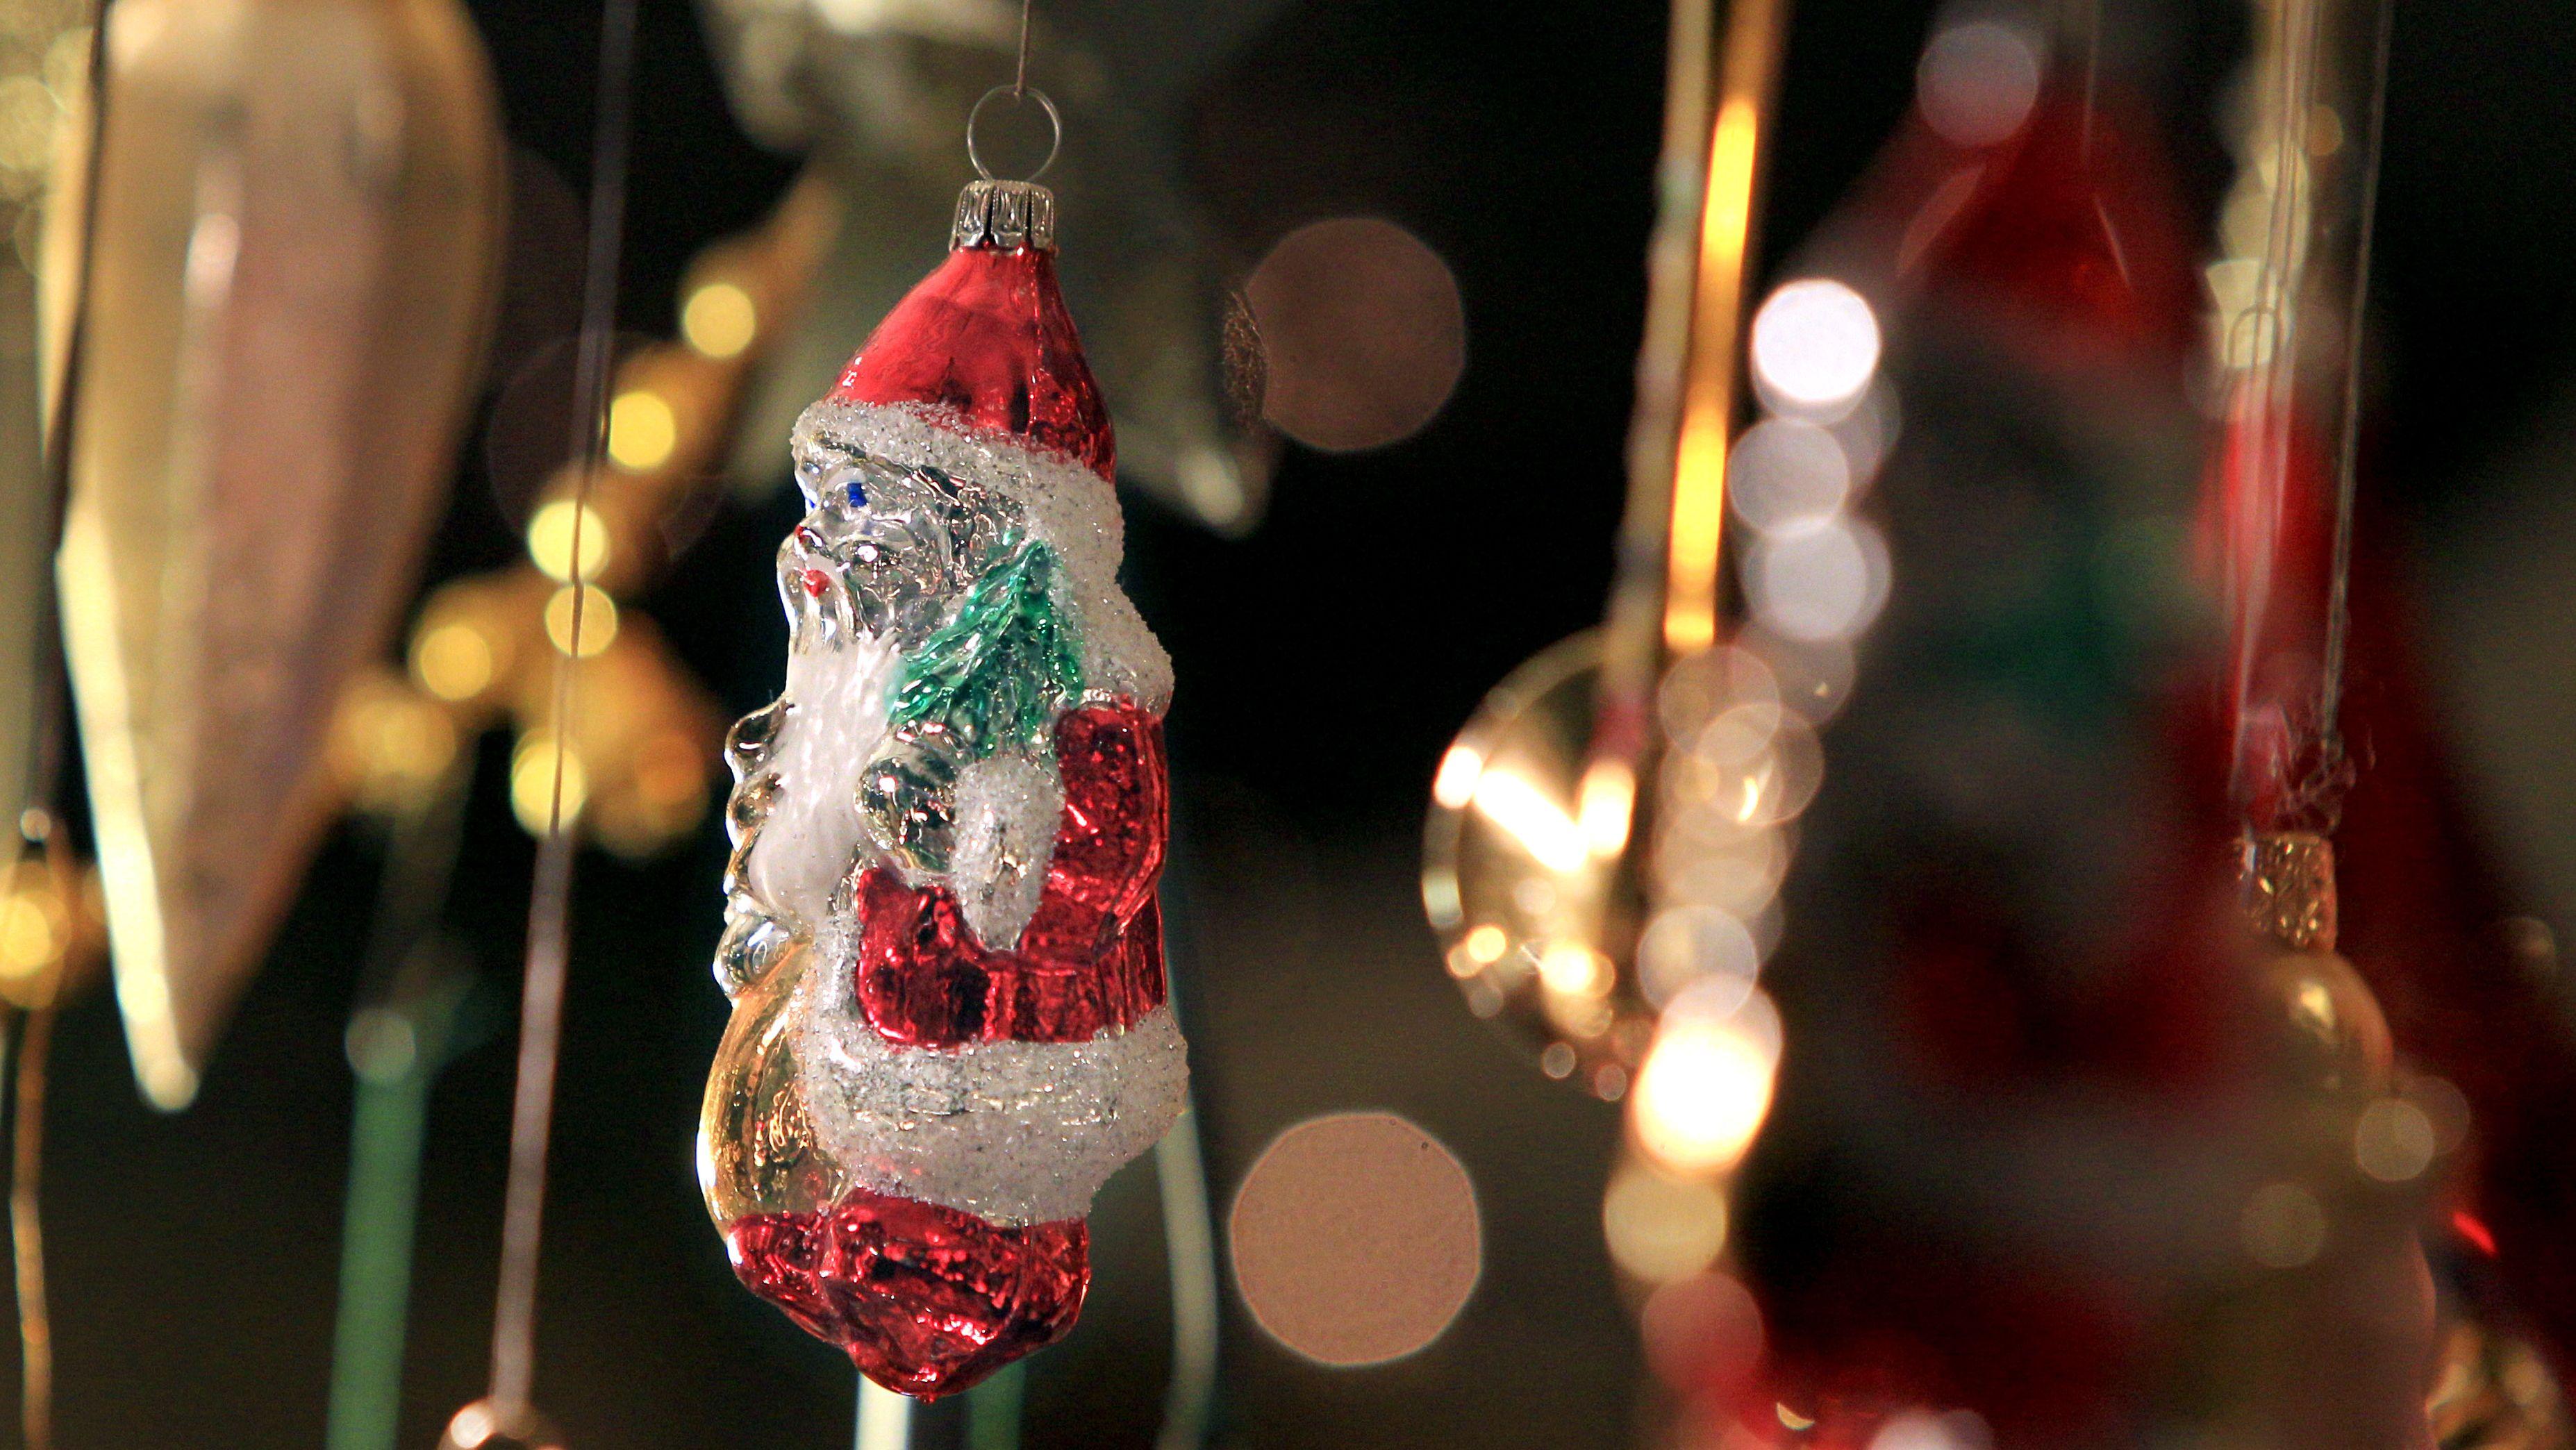 Weichnachtsschmuck auf dem Weihnachtsmarkt in Kempten (Archivbild)